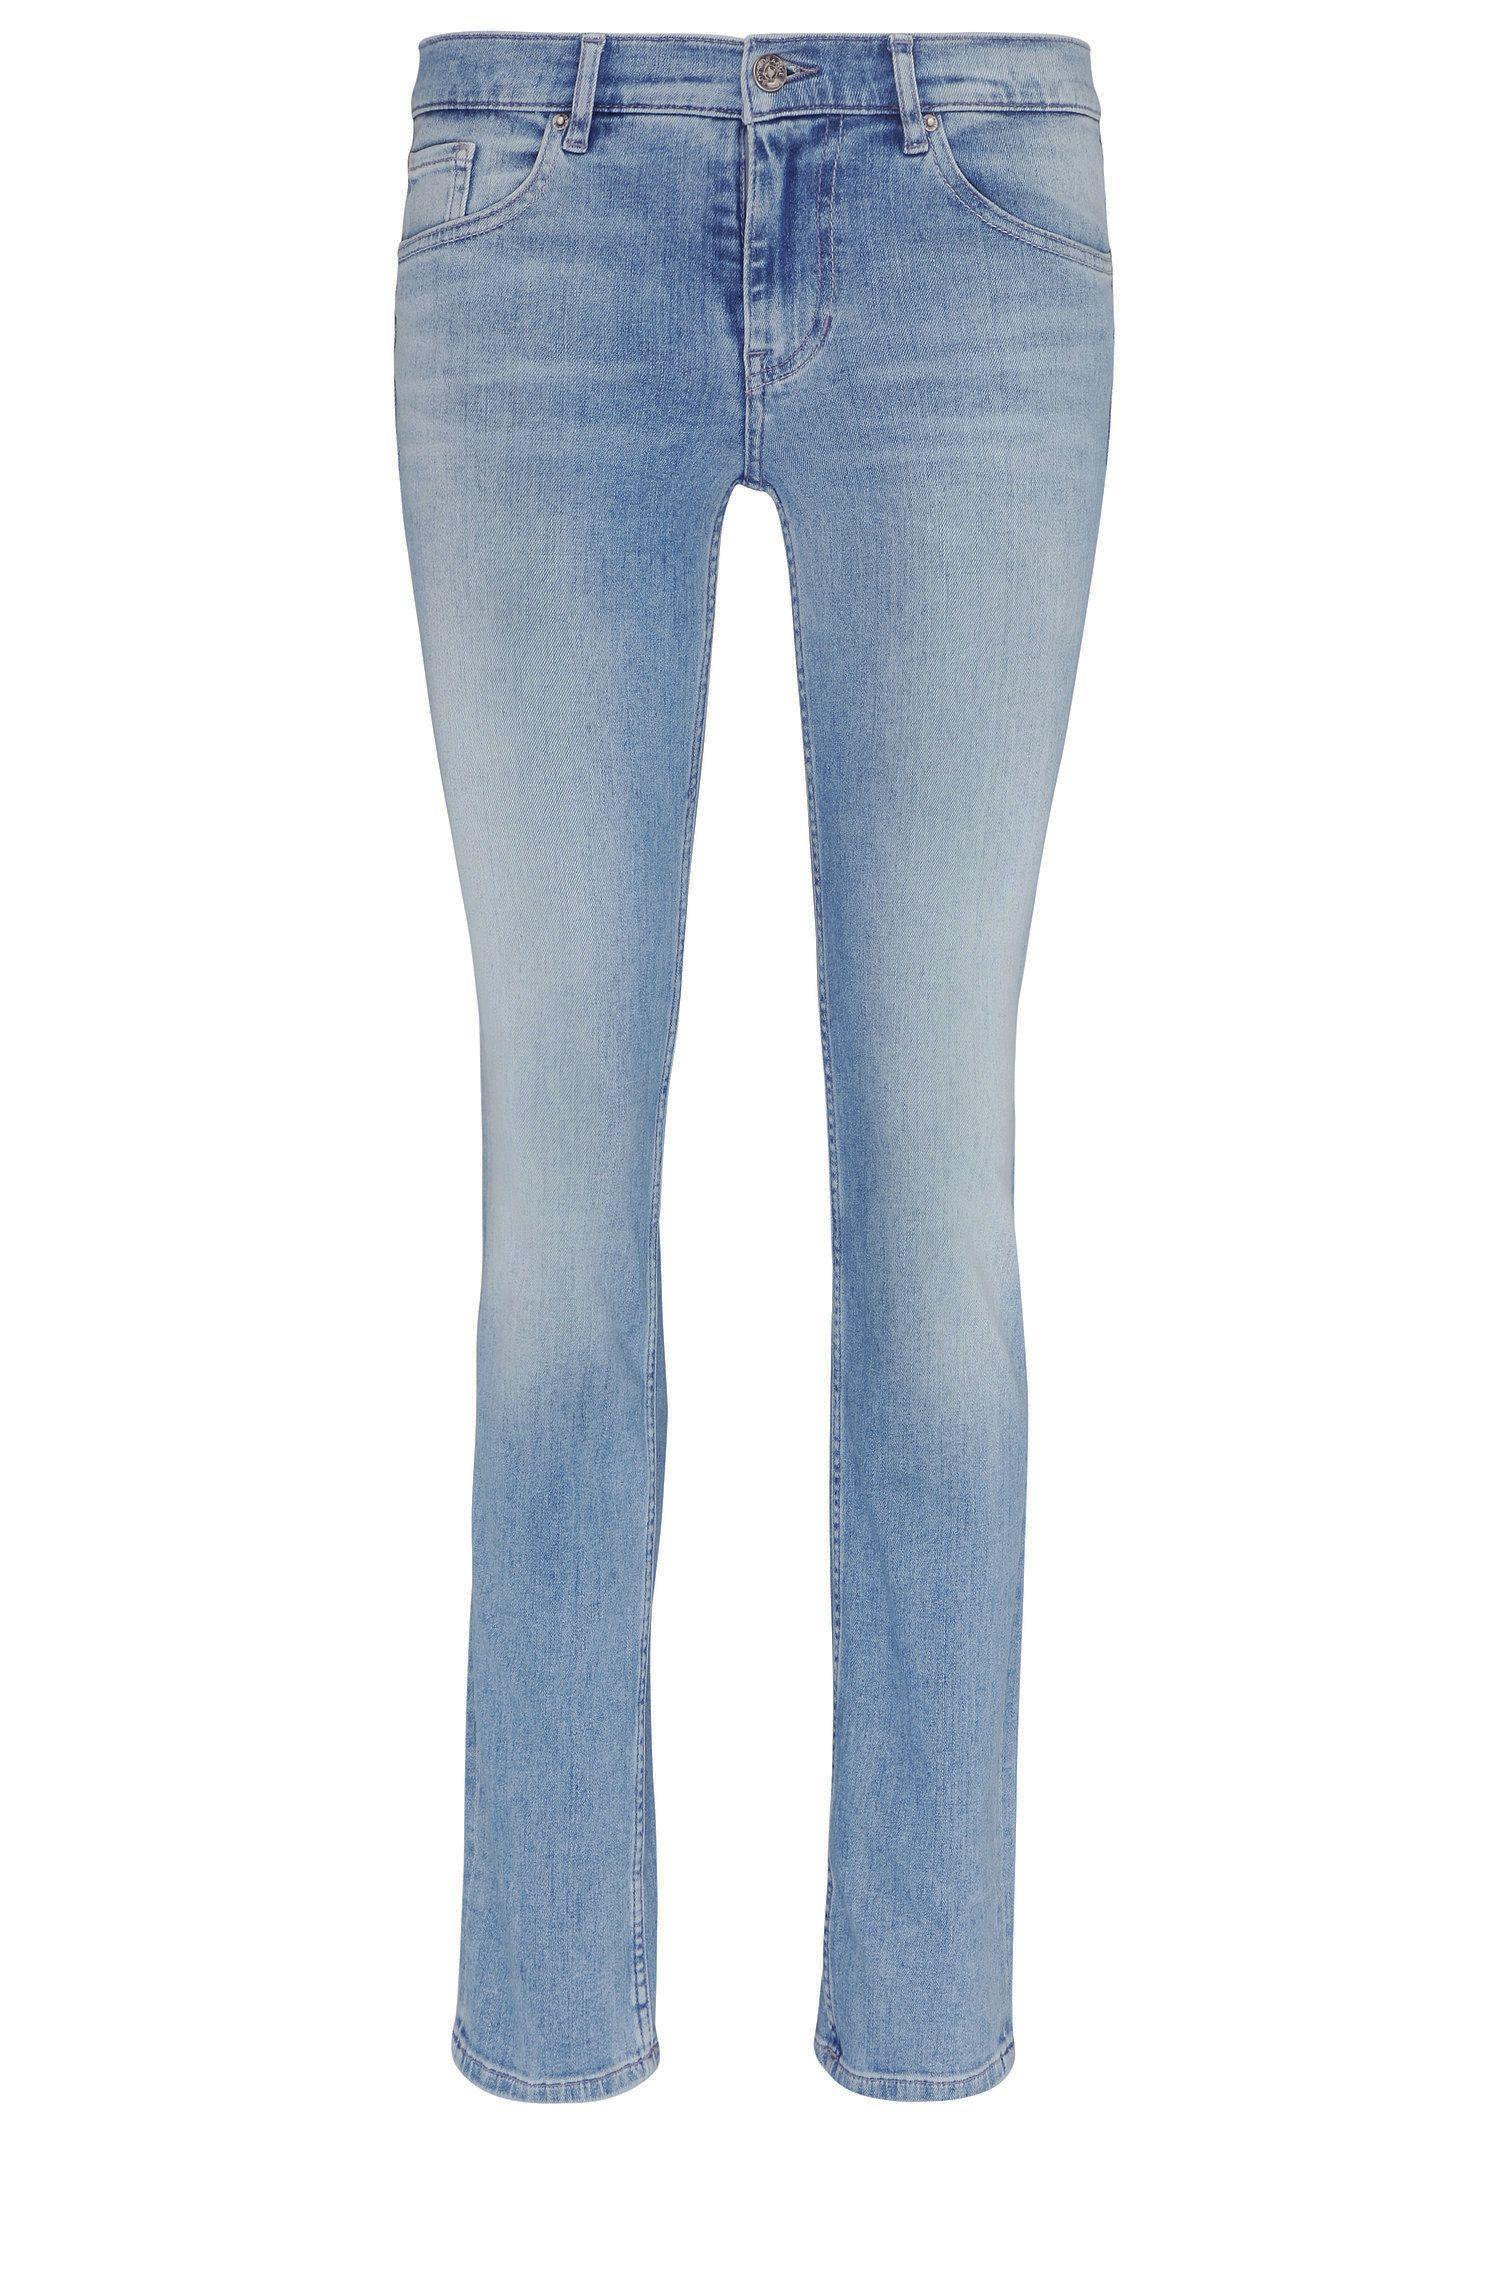 Regular-fit jeans in stretch cotton blend: 'Orange J30 Tisdale'